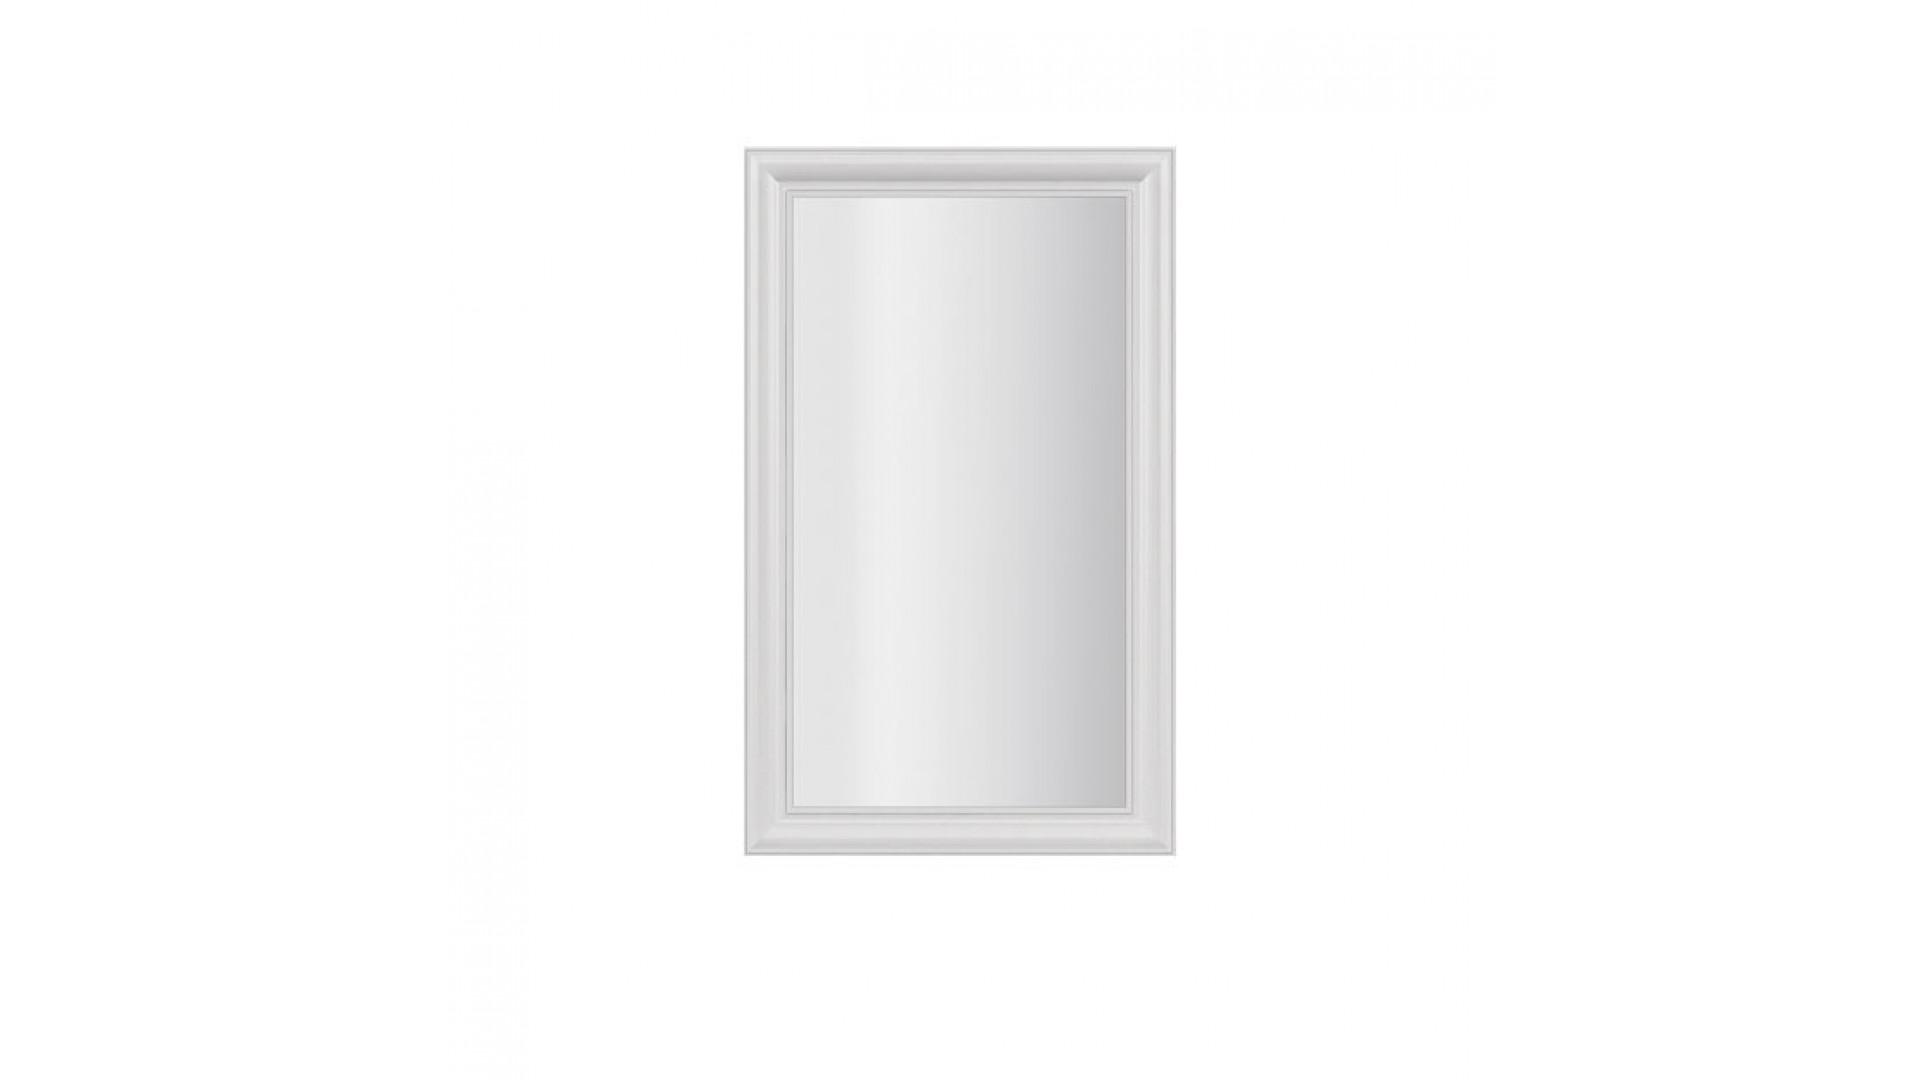 зеркало над тумбой высокой 600 Кураж Сорренто Прима